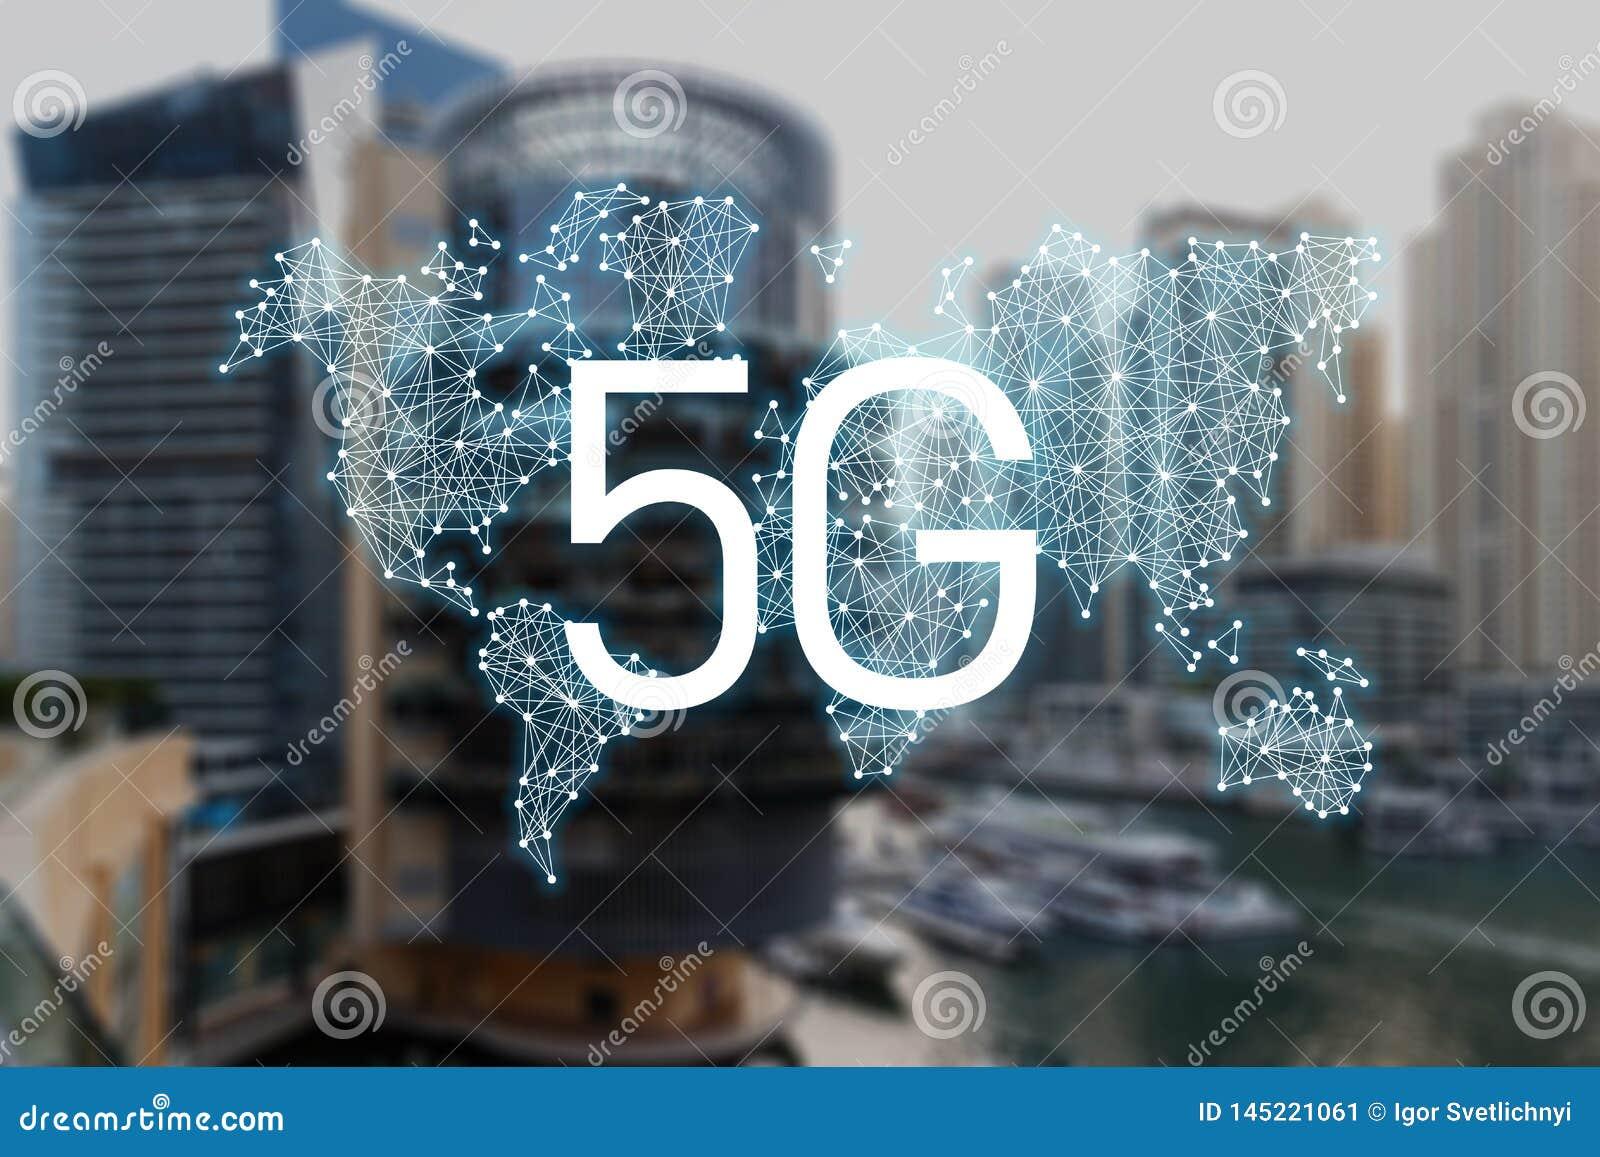 концепция 5g технологии доступа в интернет